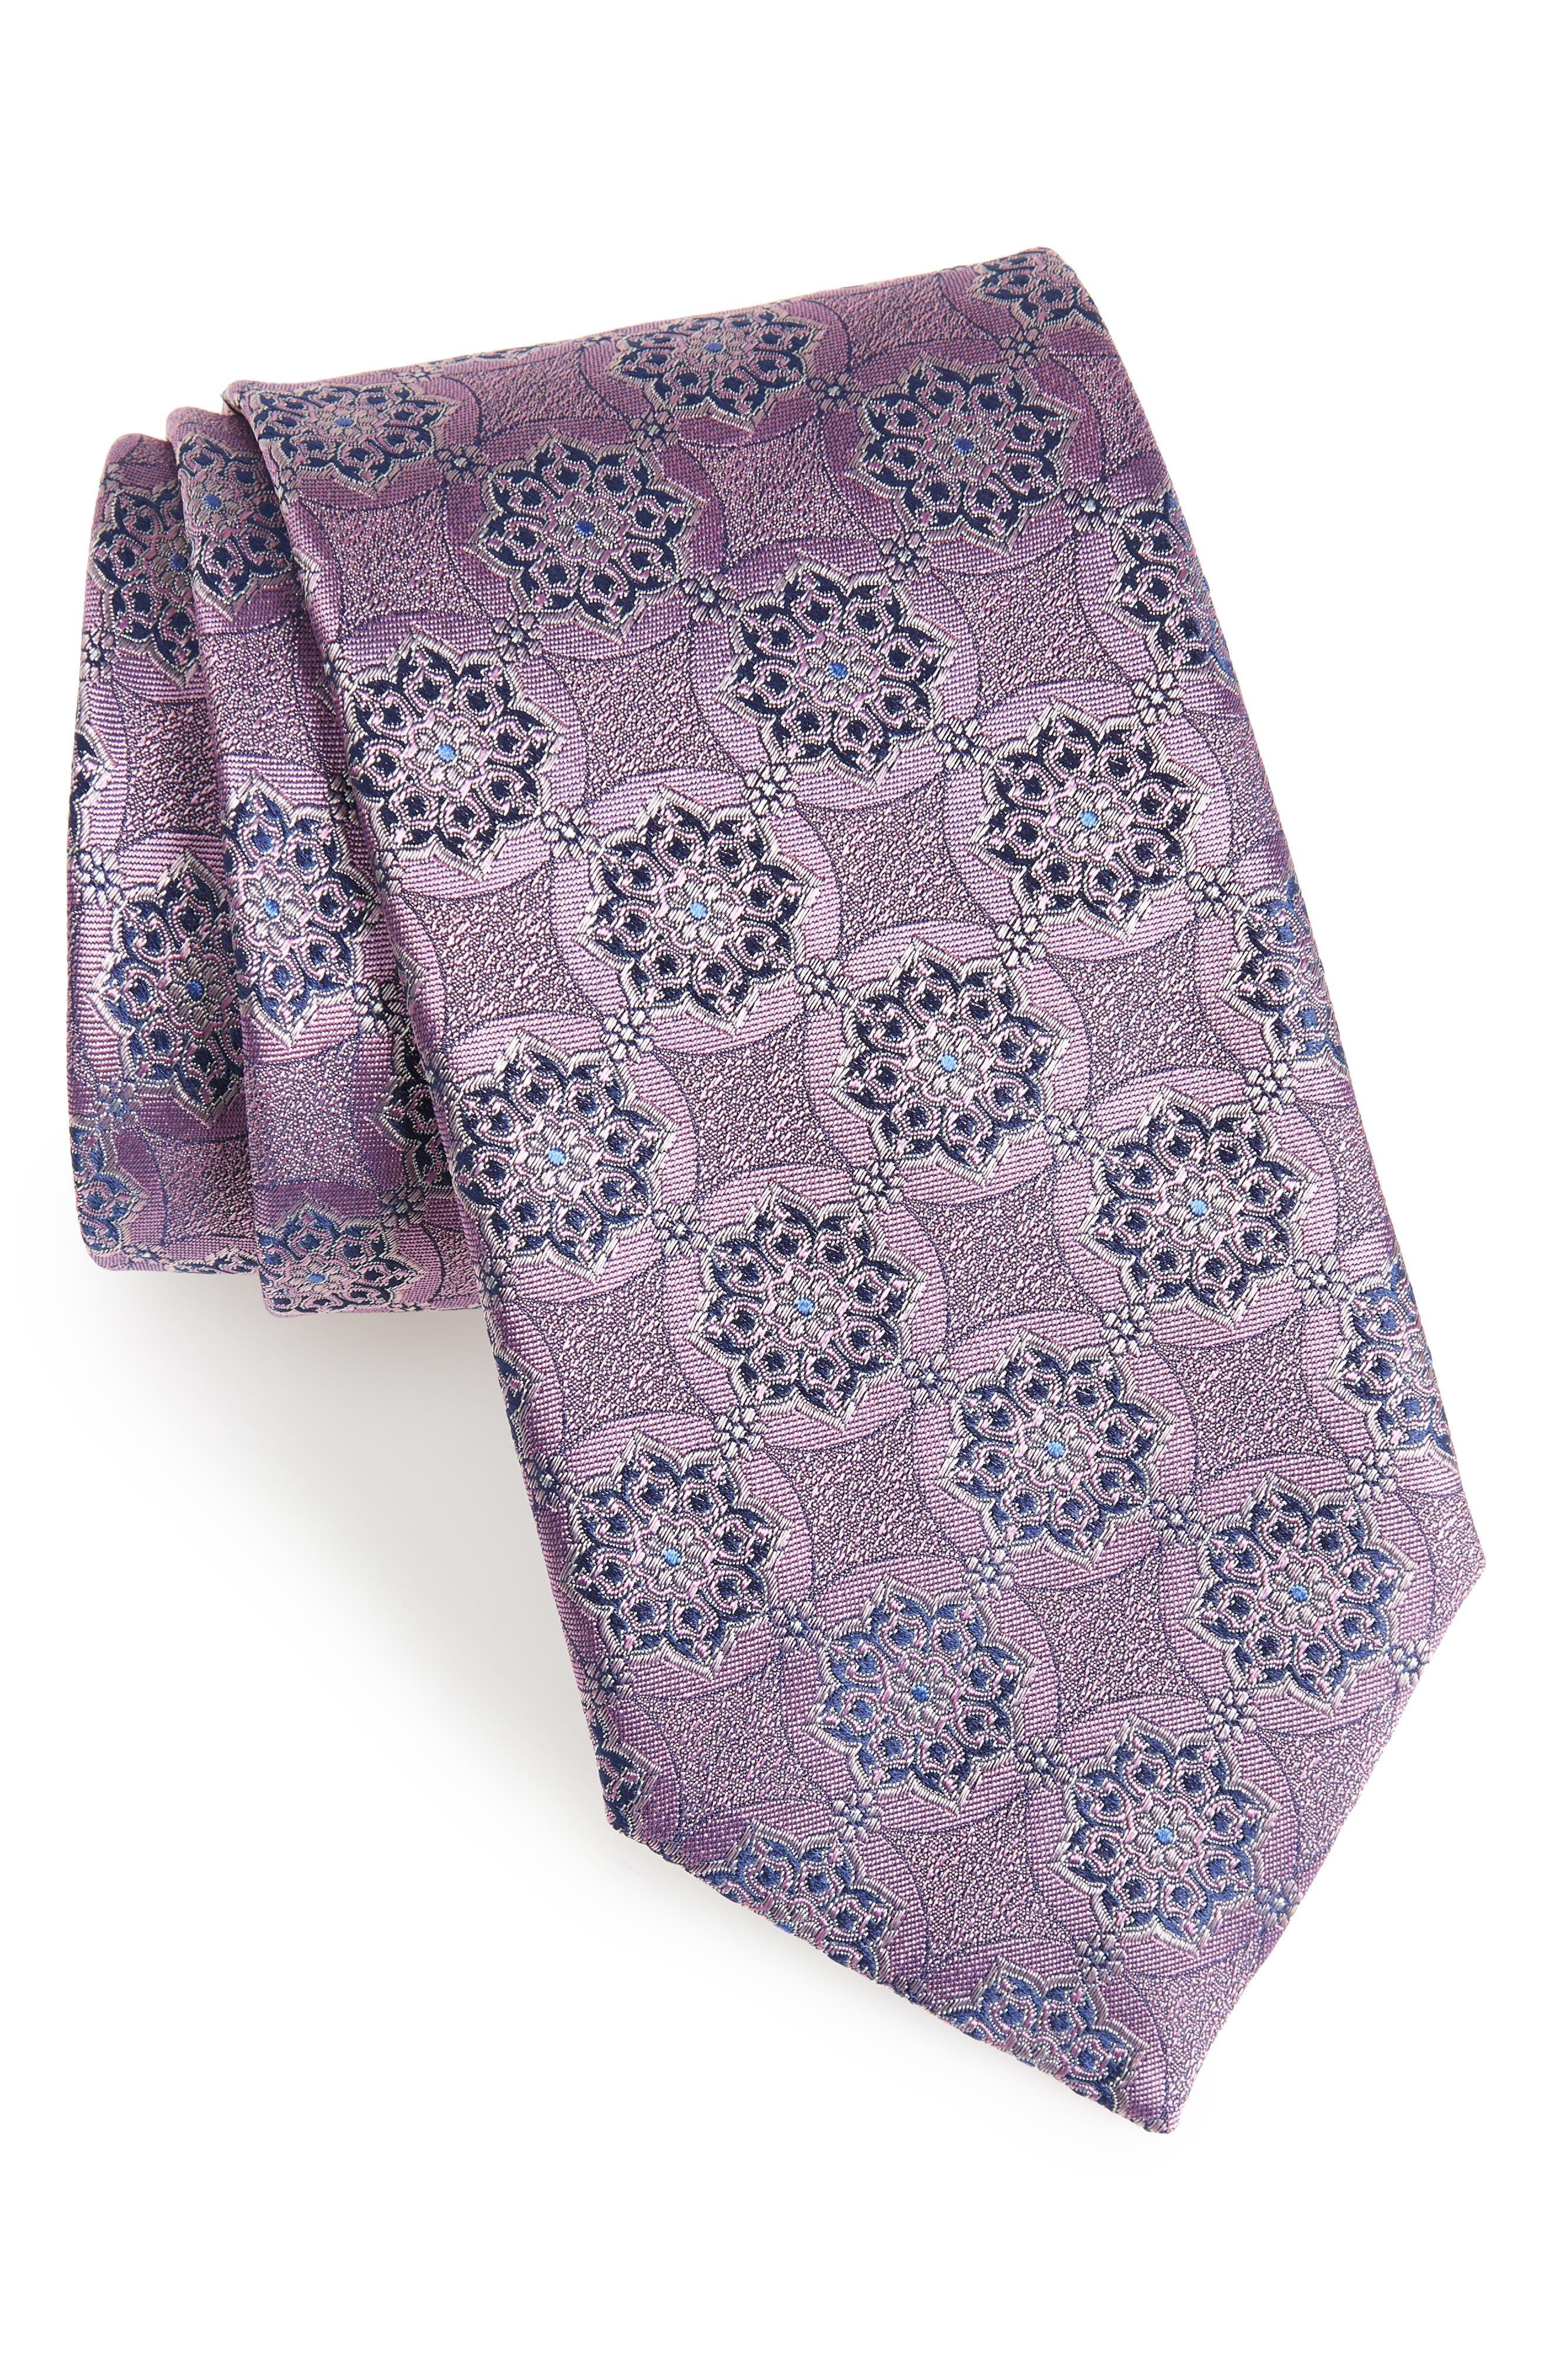 Canali Medallion Silk Tie